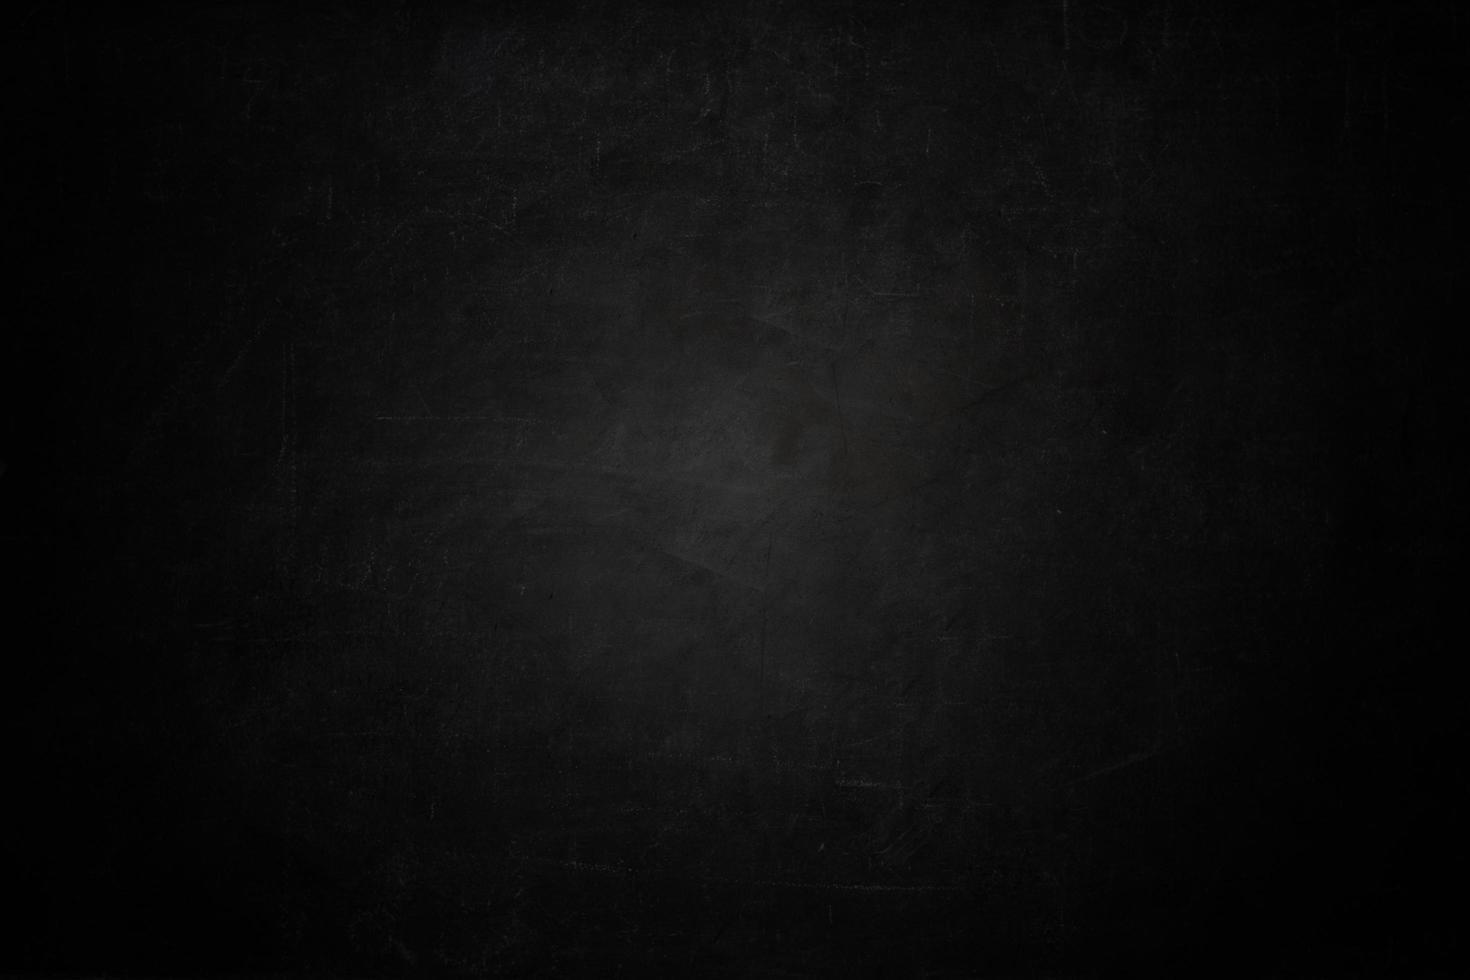 superficie lavagna scura foto